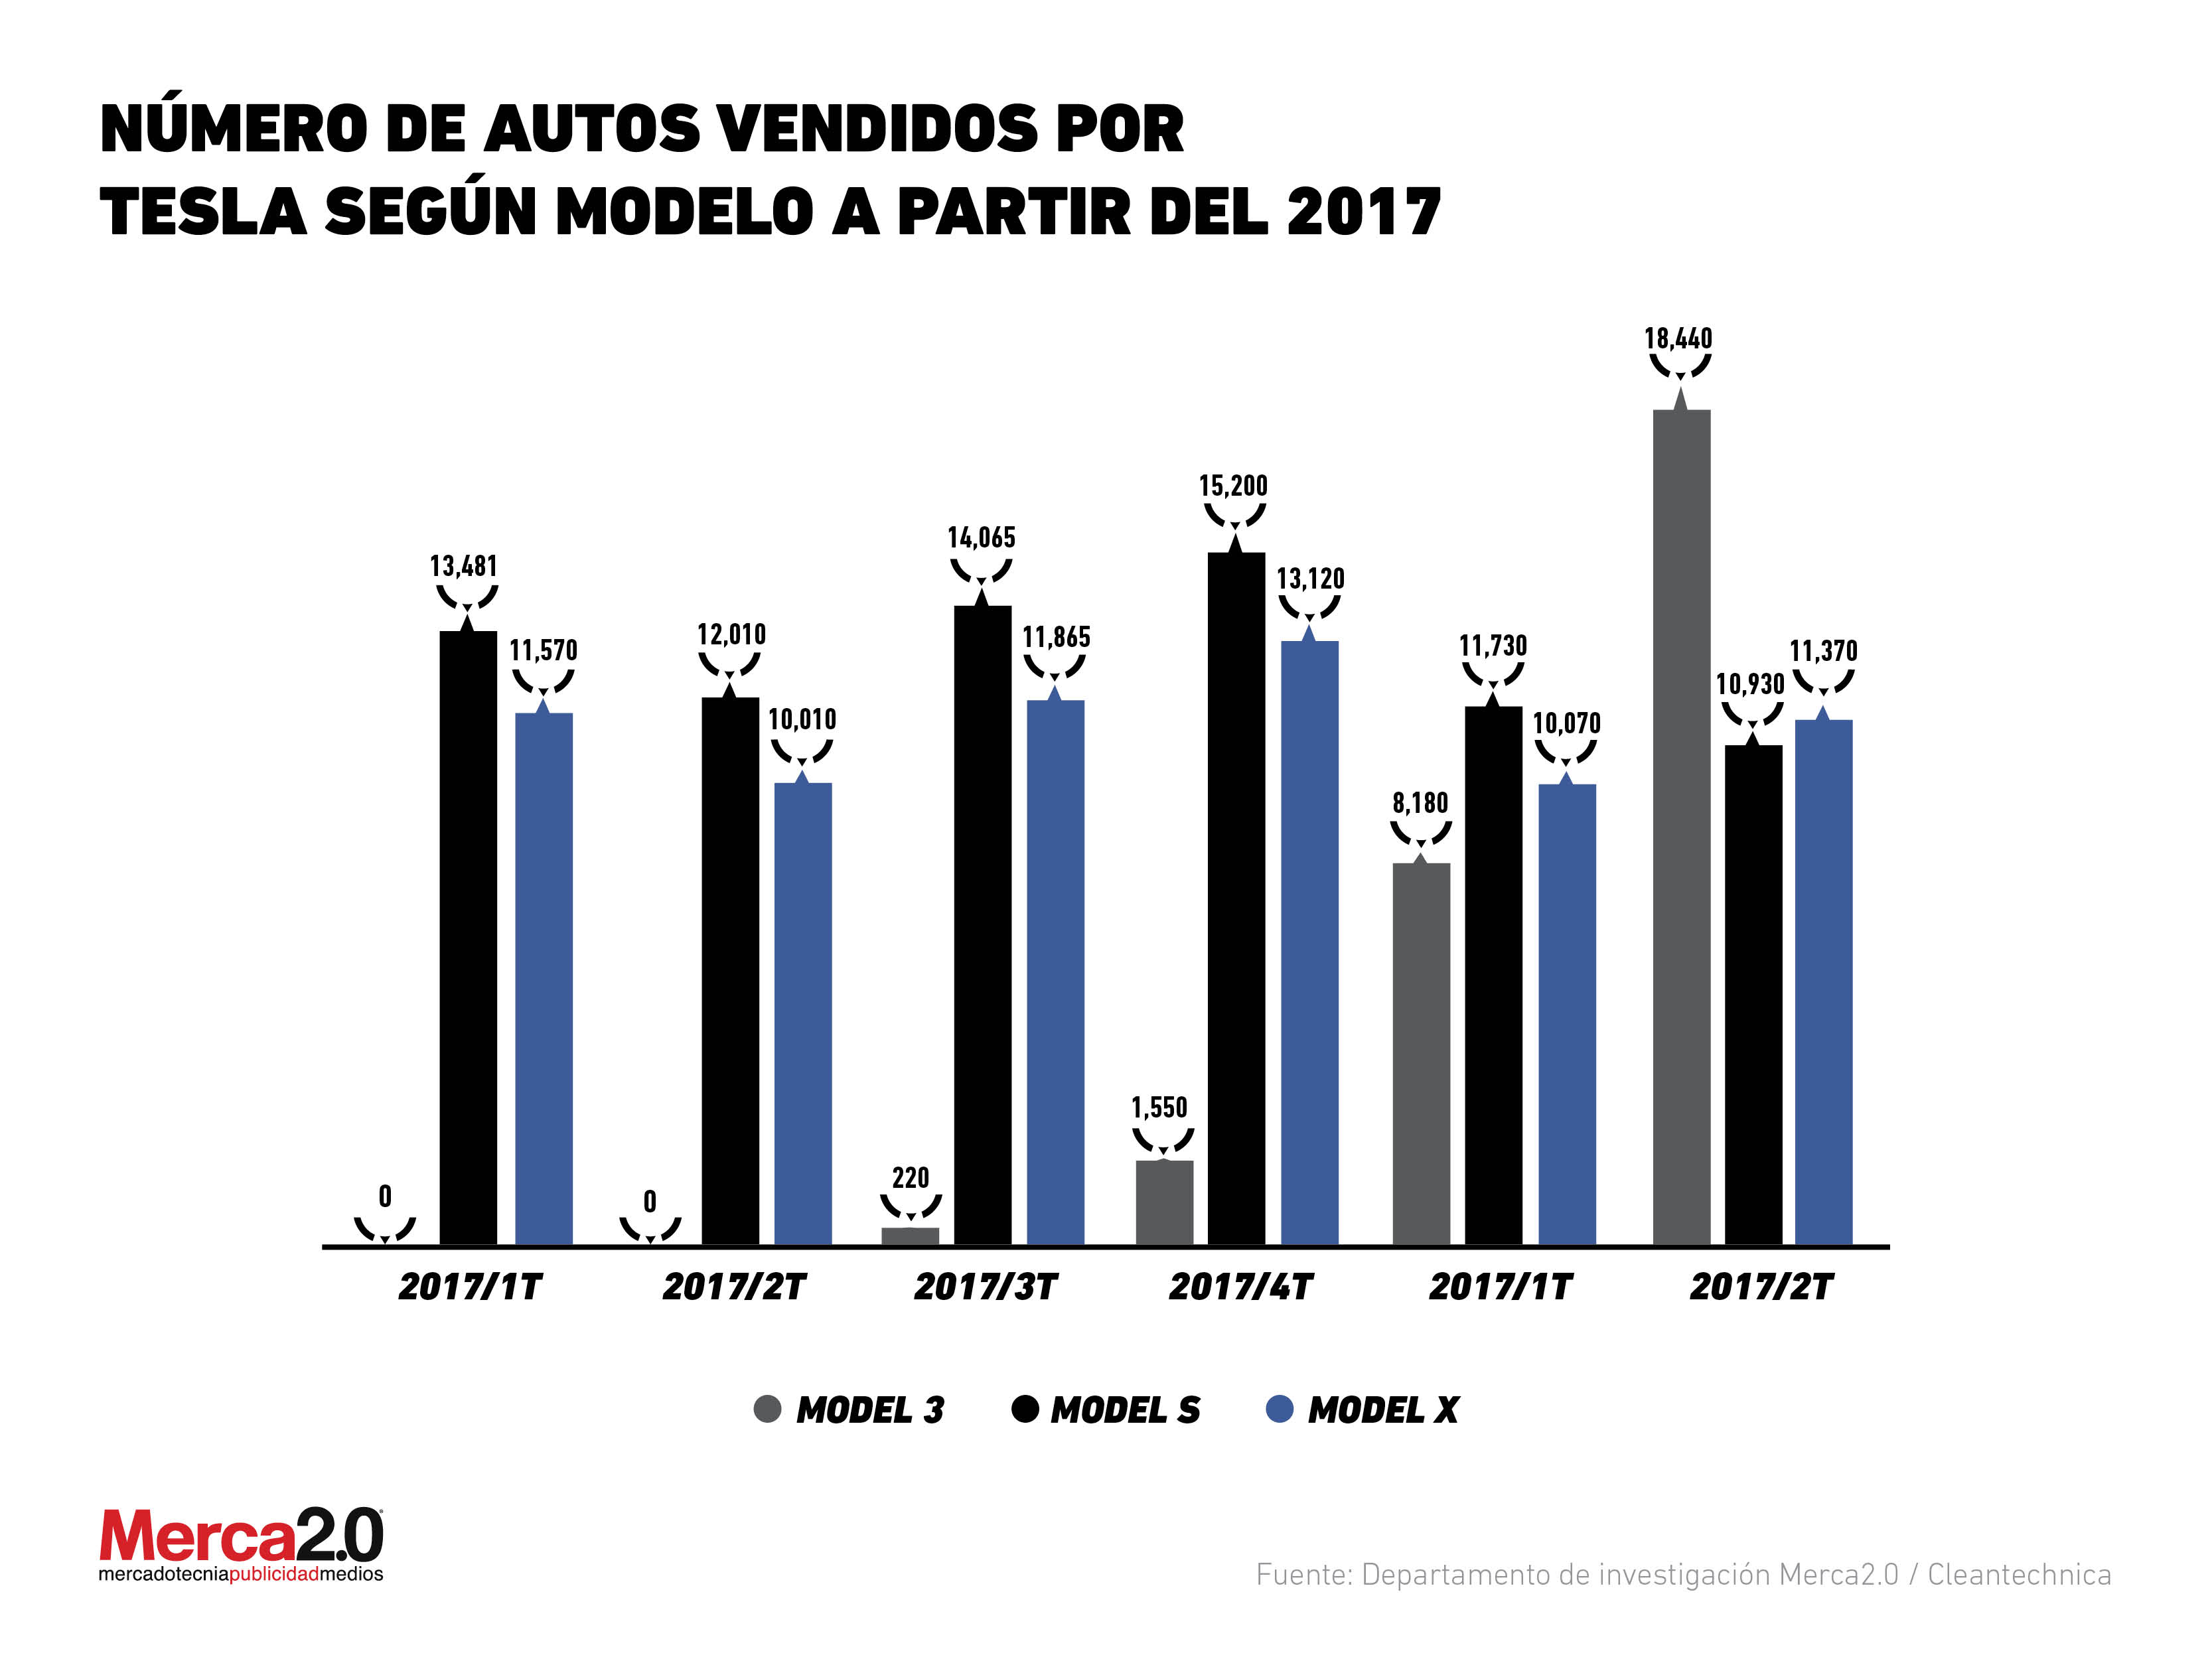 Número de autos vendidos por Tesla según modelo a partir del 2017